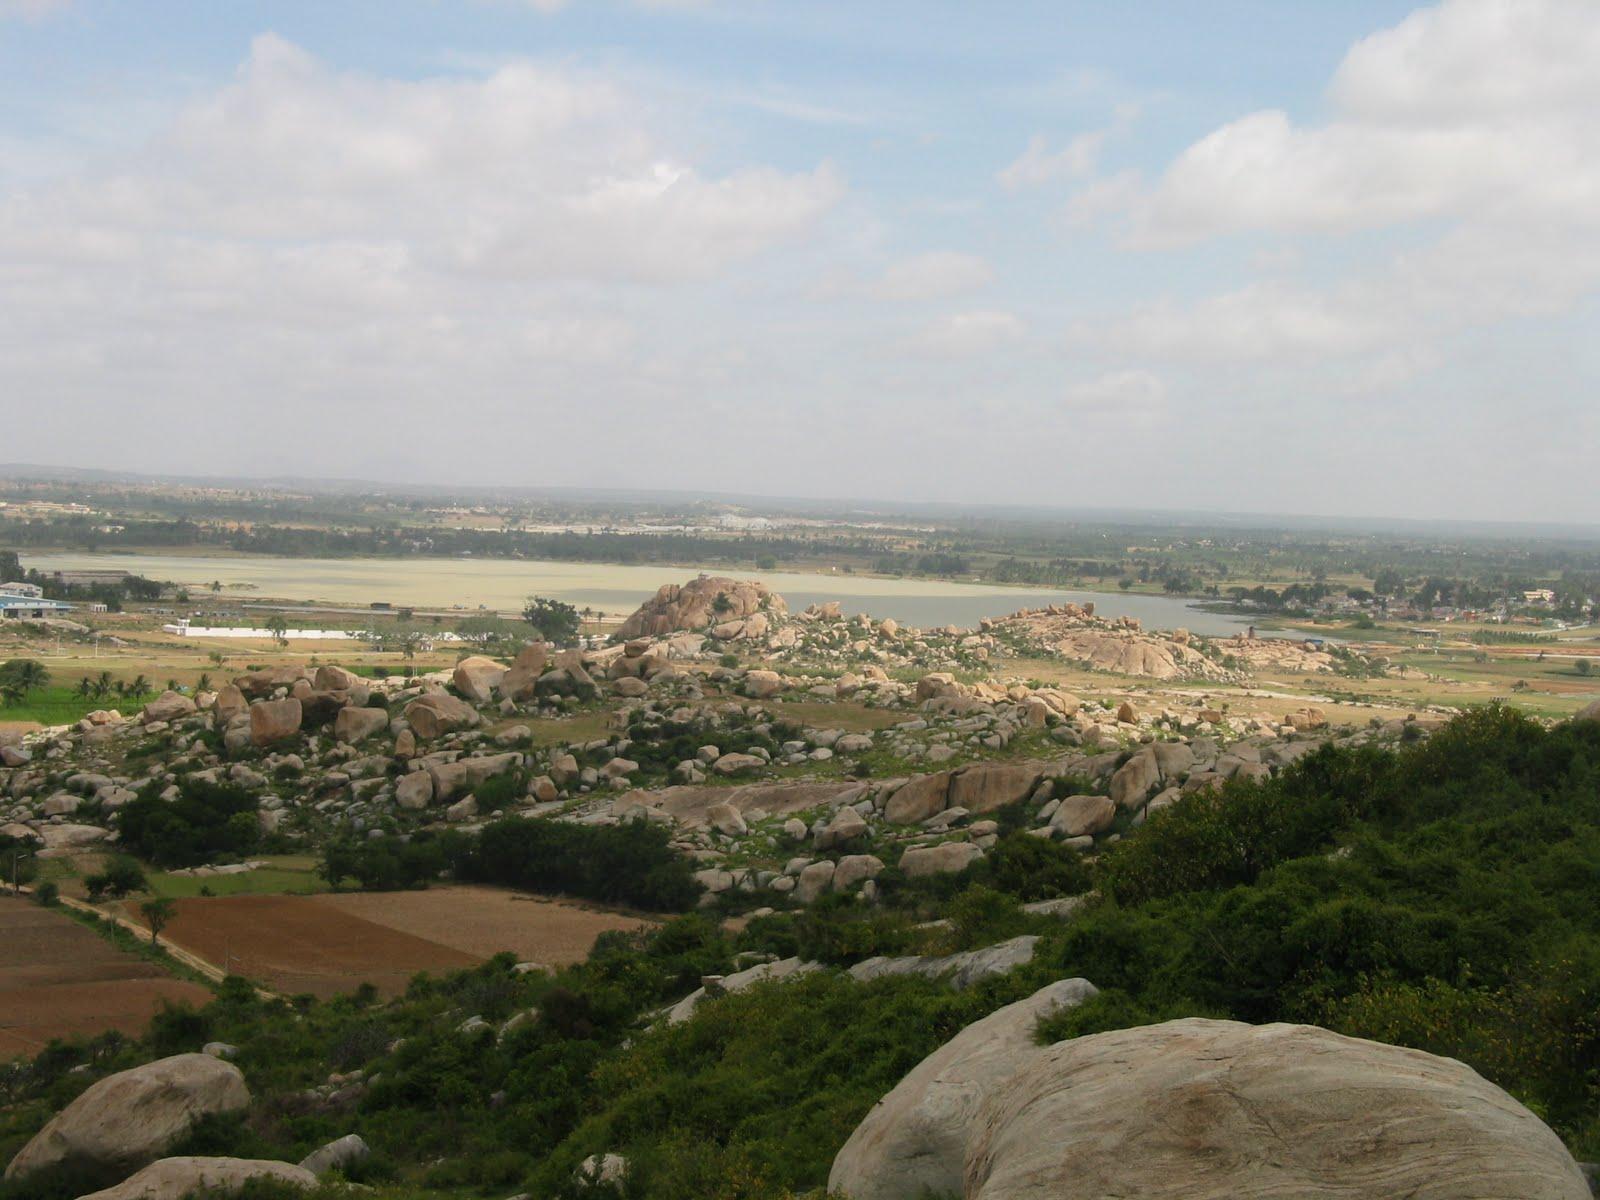 Places to Visit around Bangalore - Narsapura Betta